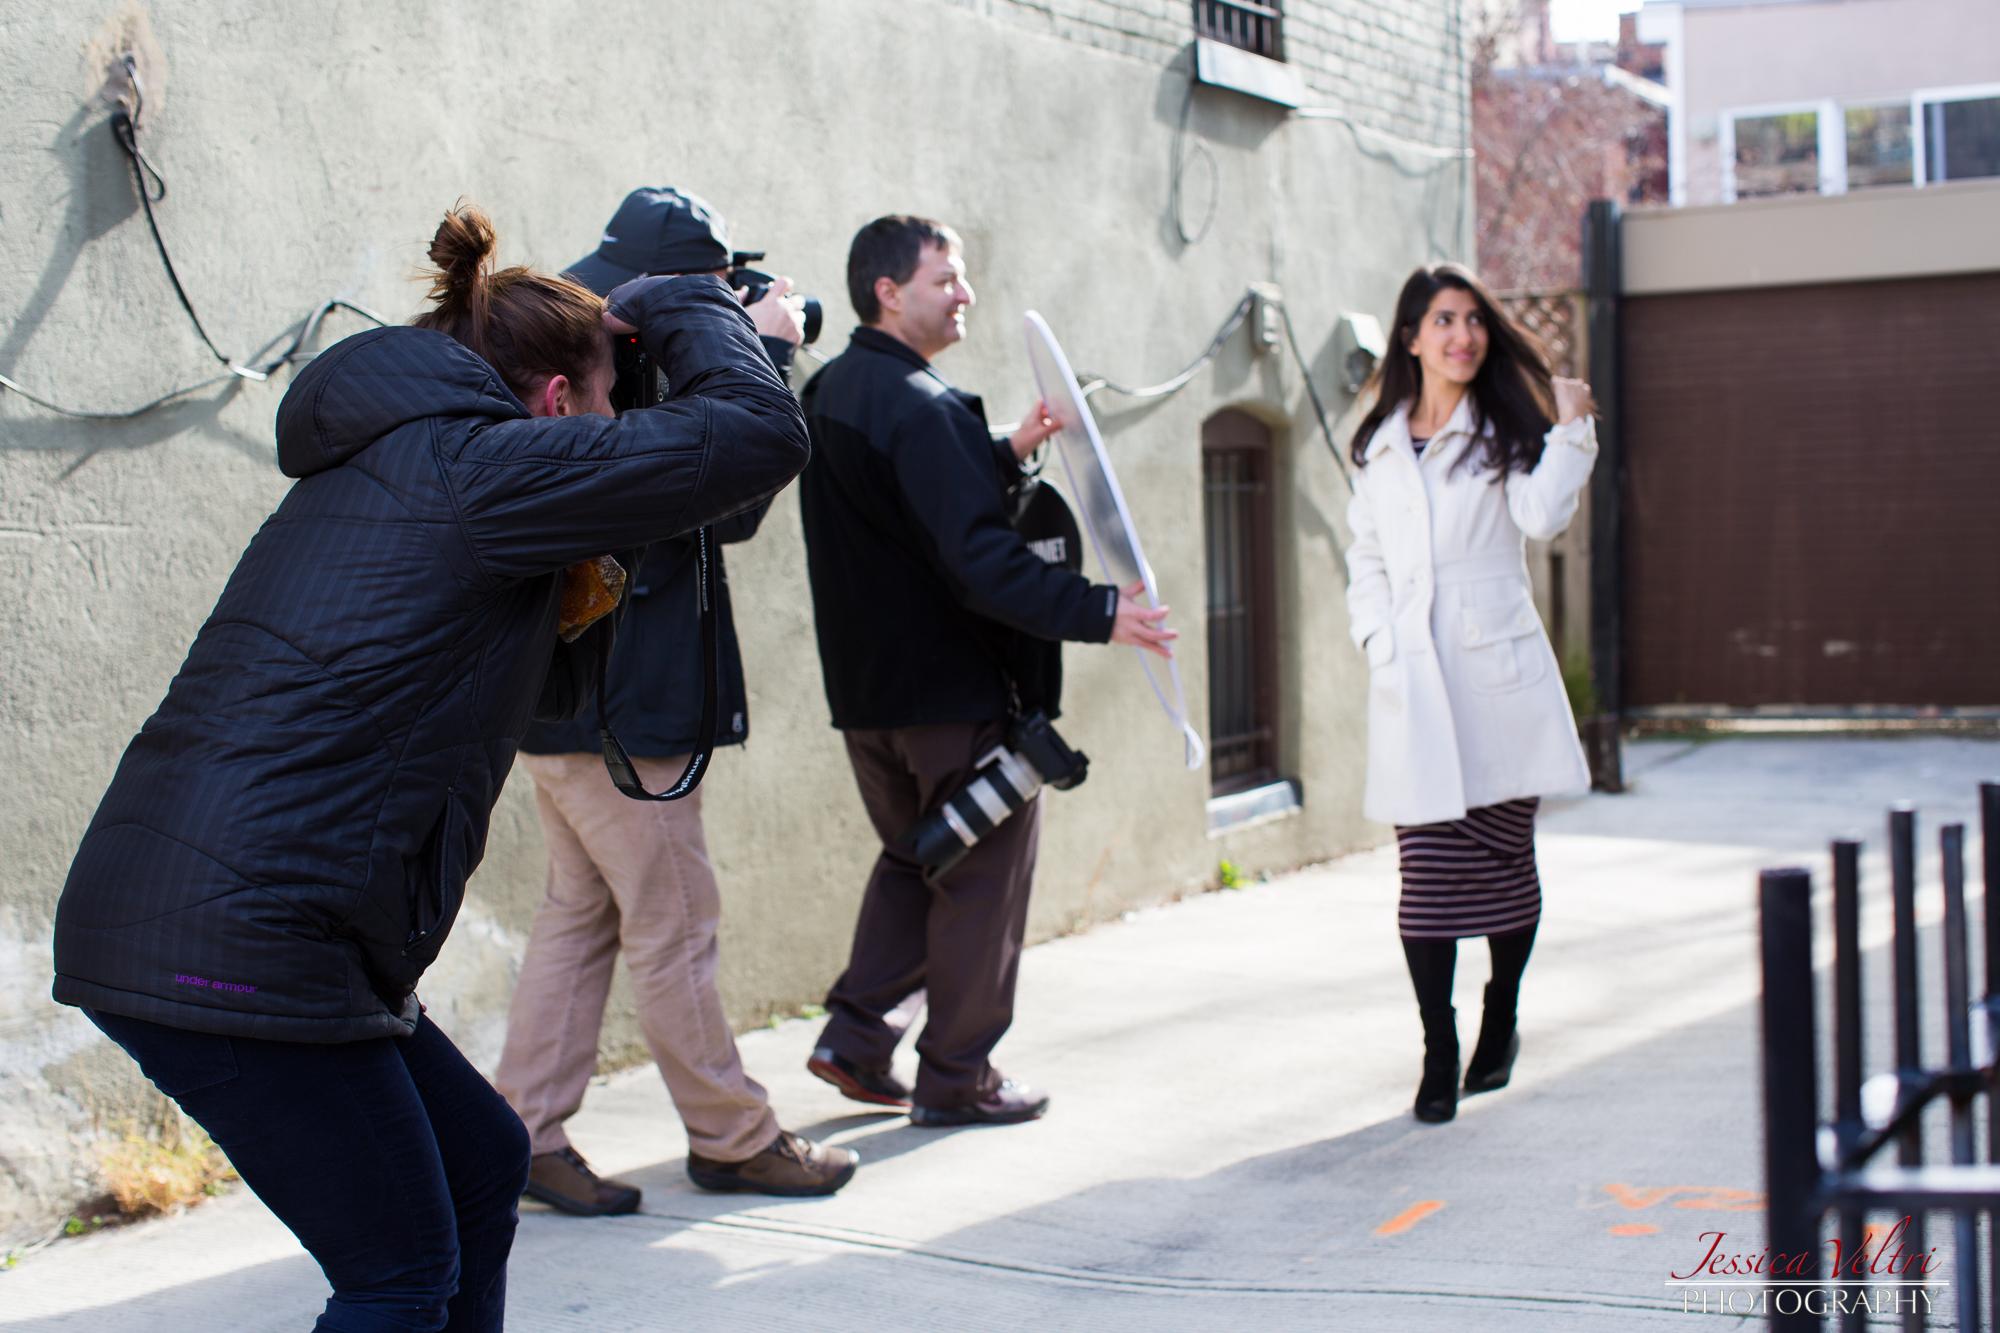 Washington, D.C. Engagement Shoot Jessica Veltri Photography